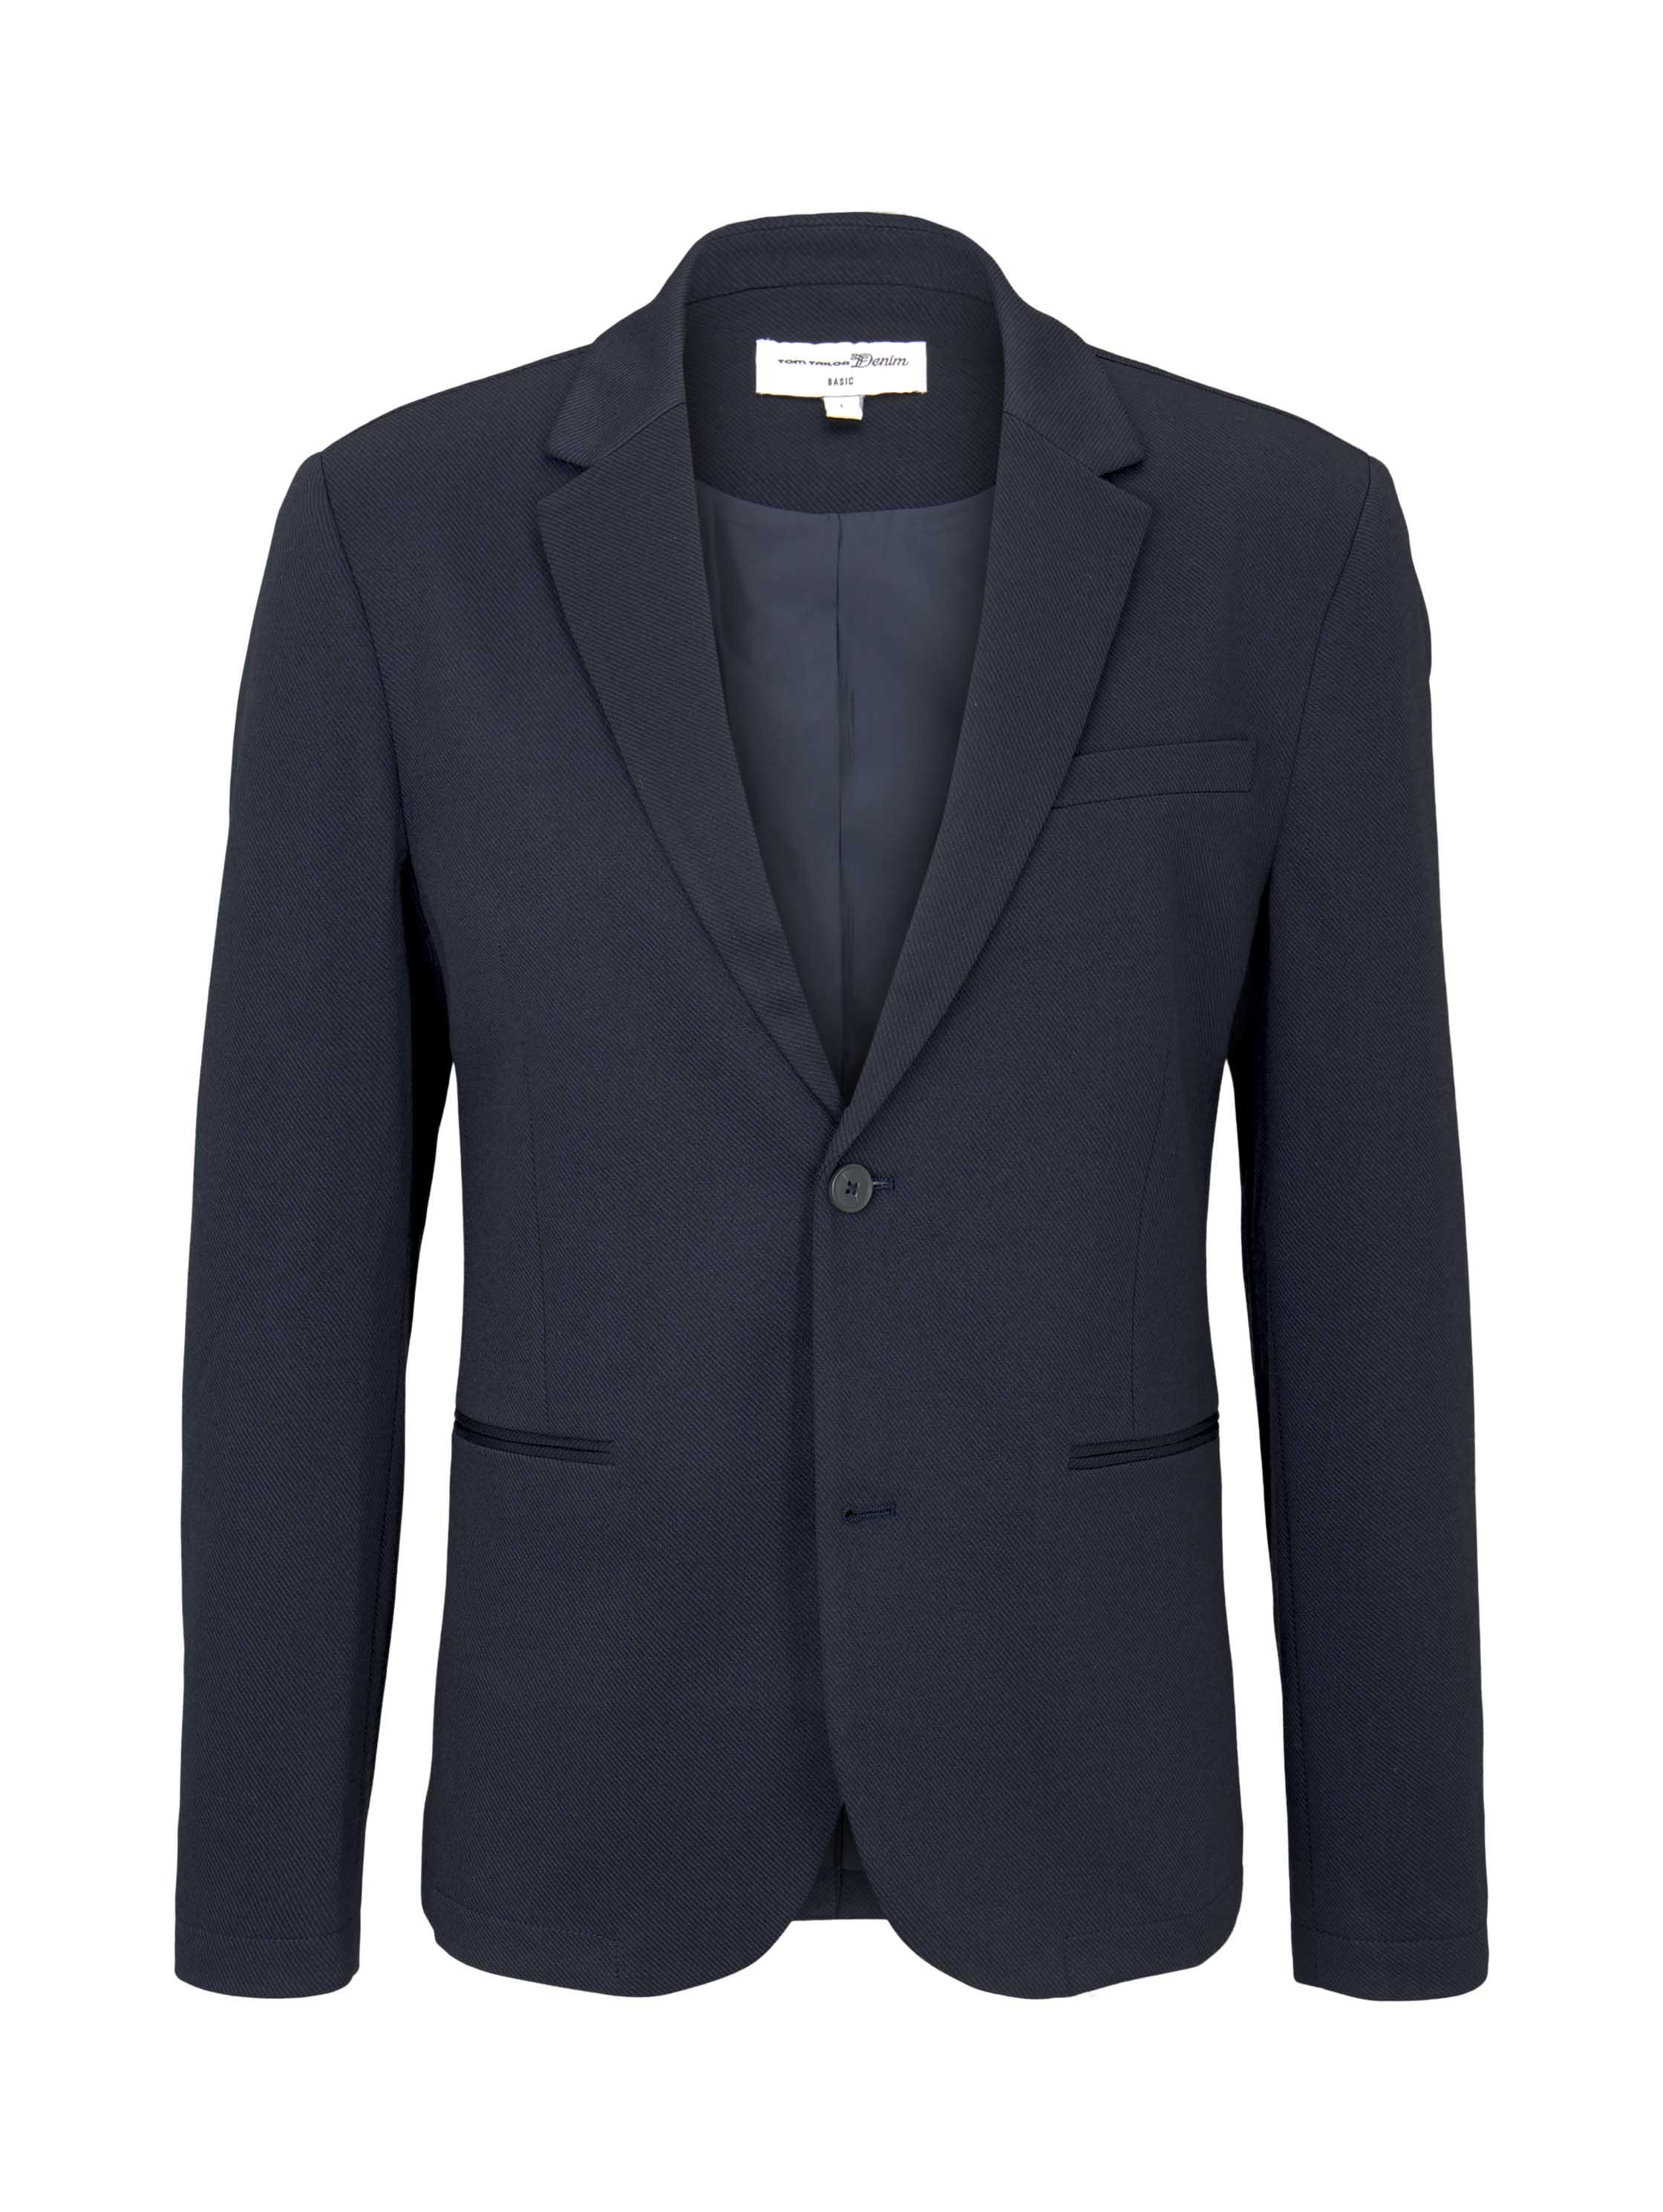 piquee blazer, Sky Captain Blue Non-Solid